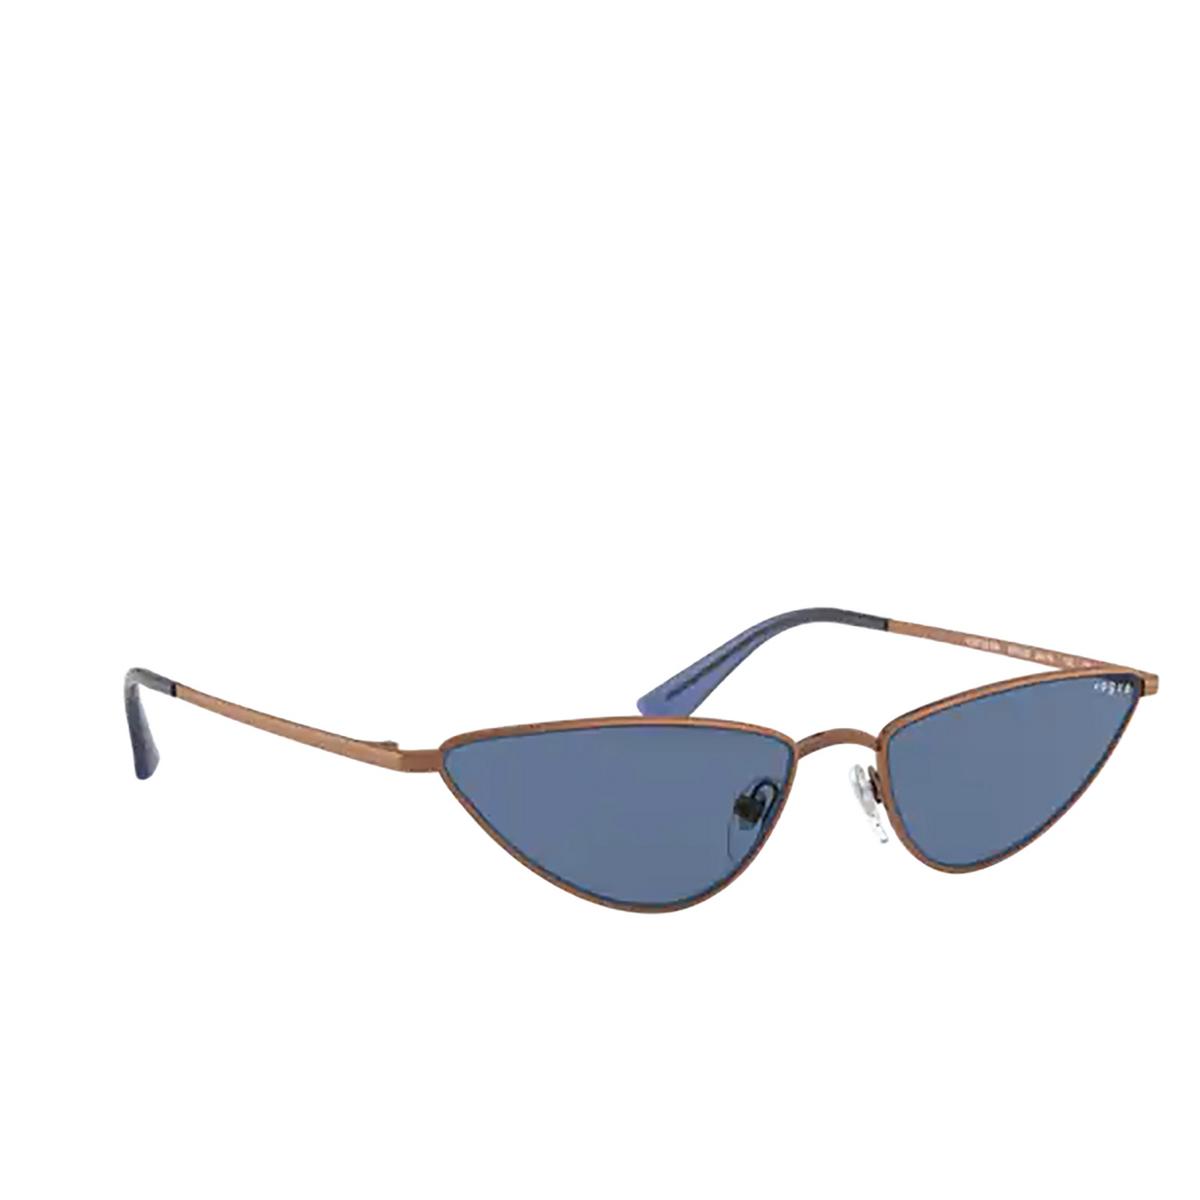 Vogue® Cat-eye Sunglasses: La Fayette VO4138SM color Copper 507420 - three-quarters view.